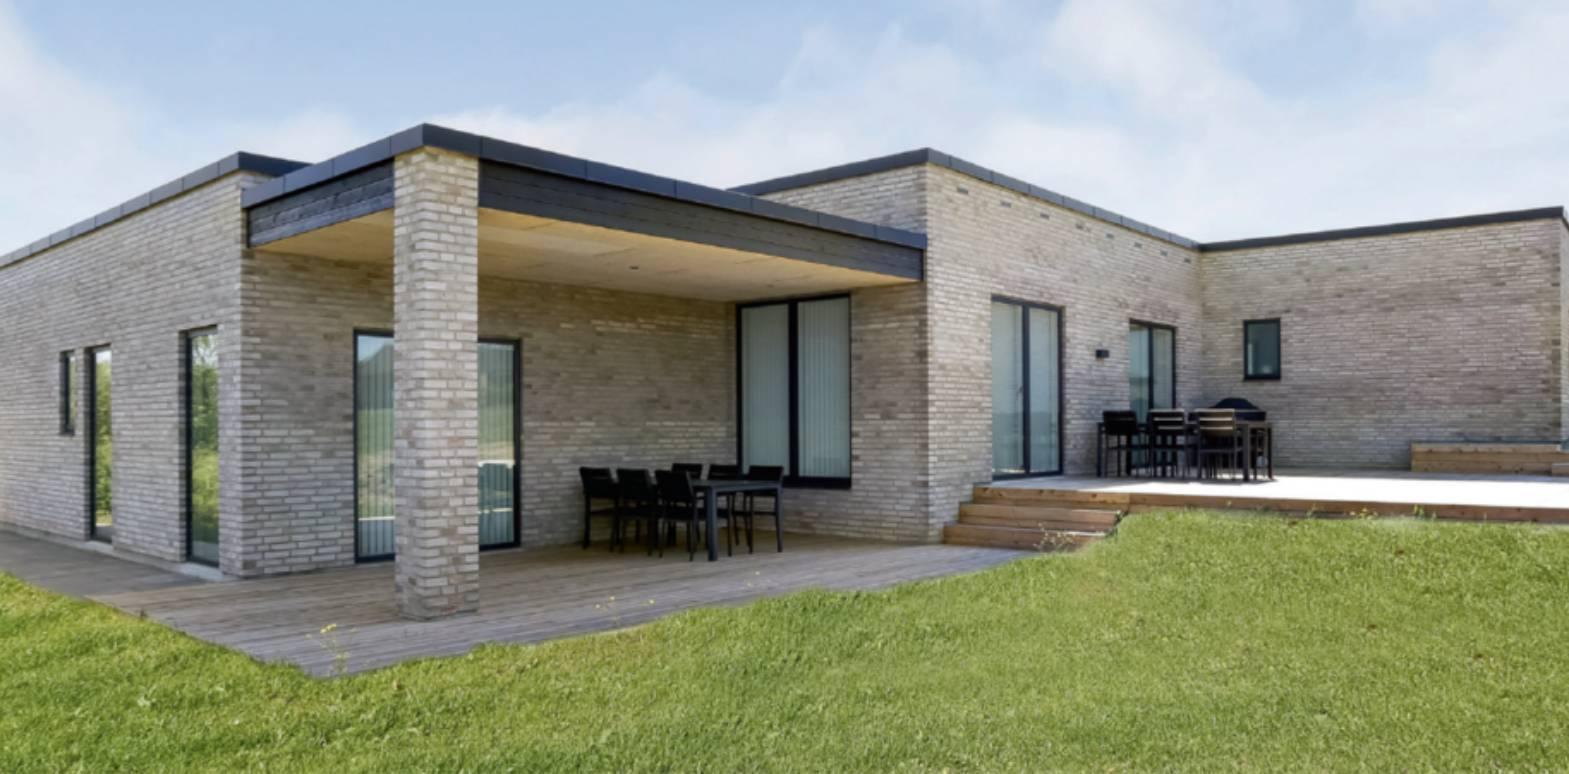 Hus i sandfarvede musrten af typen funkis som man kan overveje når man skal byg nyt hus